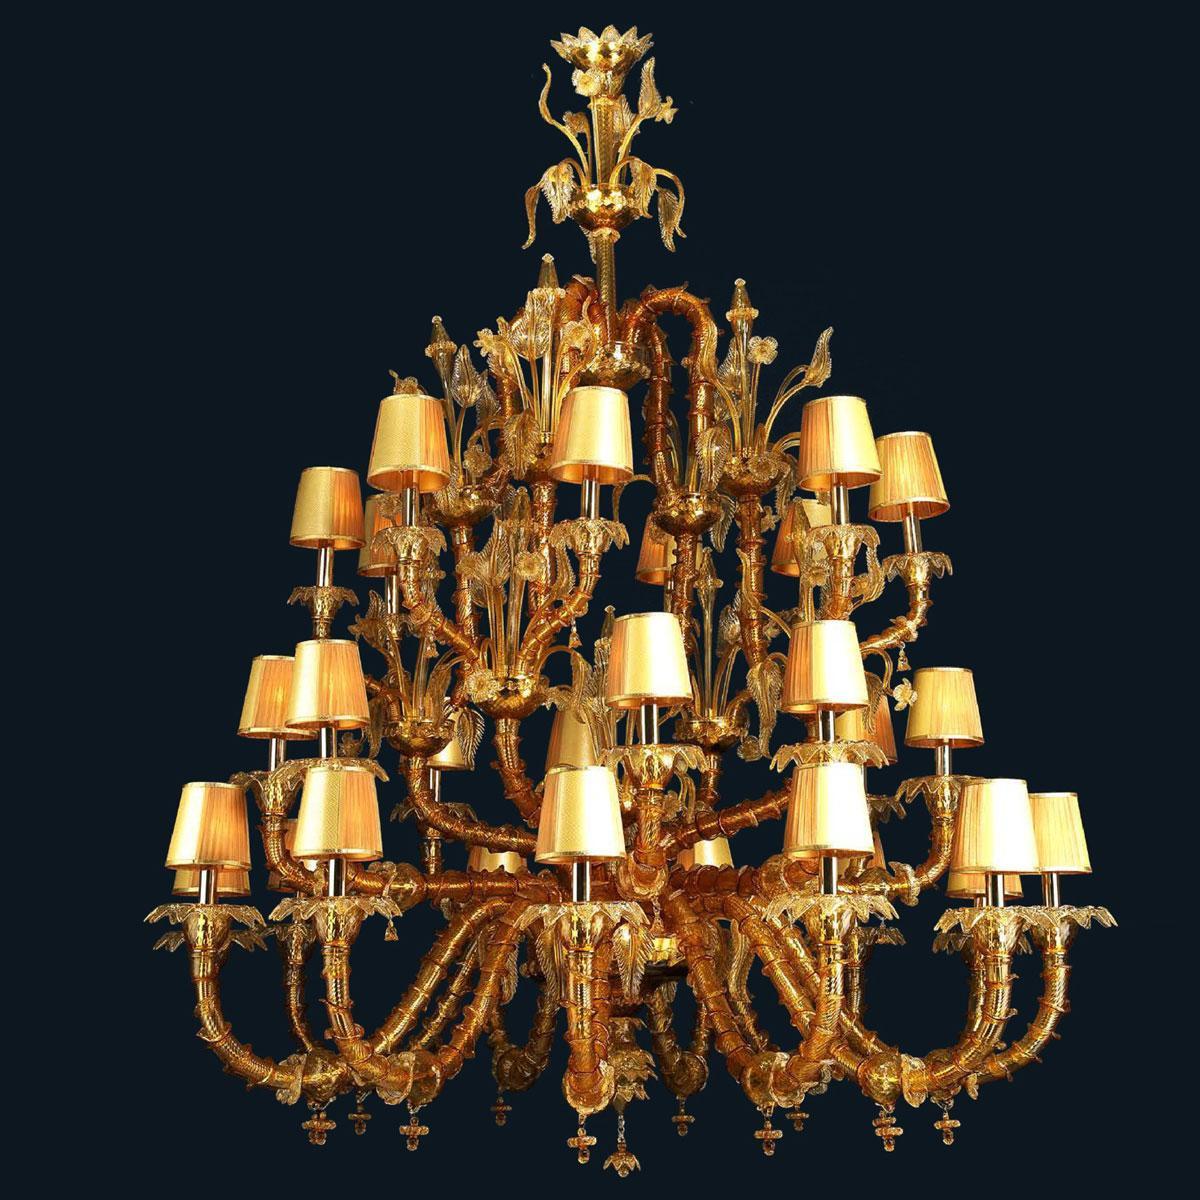 """""""Honey"""" lampara de araña de Murano con pantallas - 12+8+8 luces - ámbar y oro"""